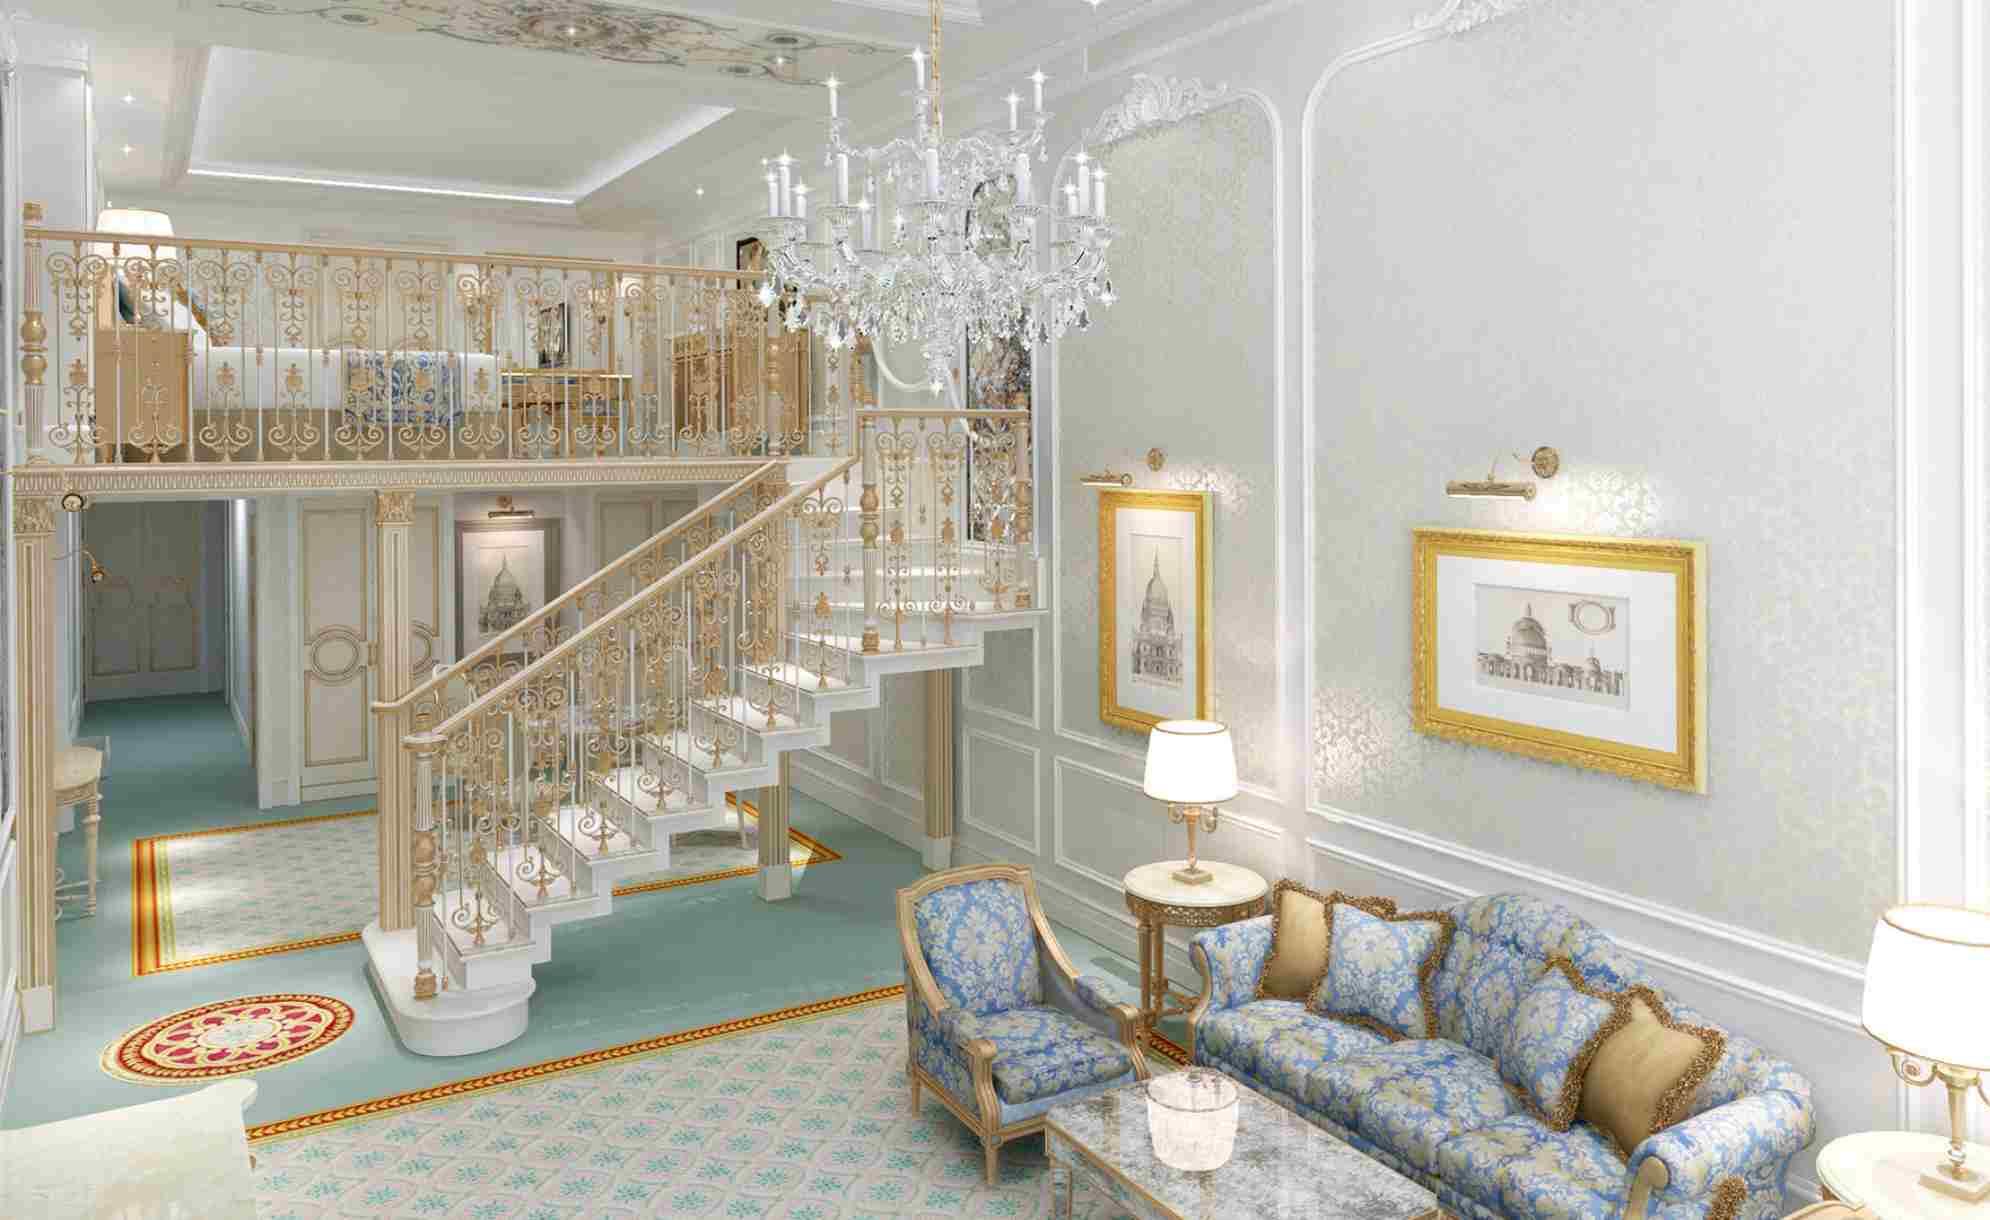 Emerald Palace Kempinski in Dubai